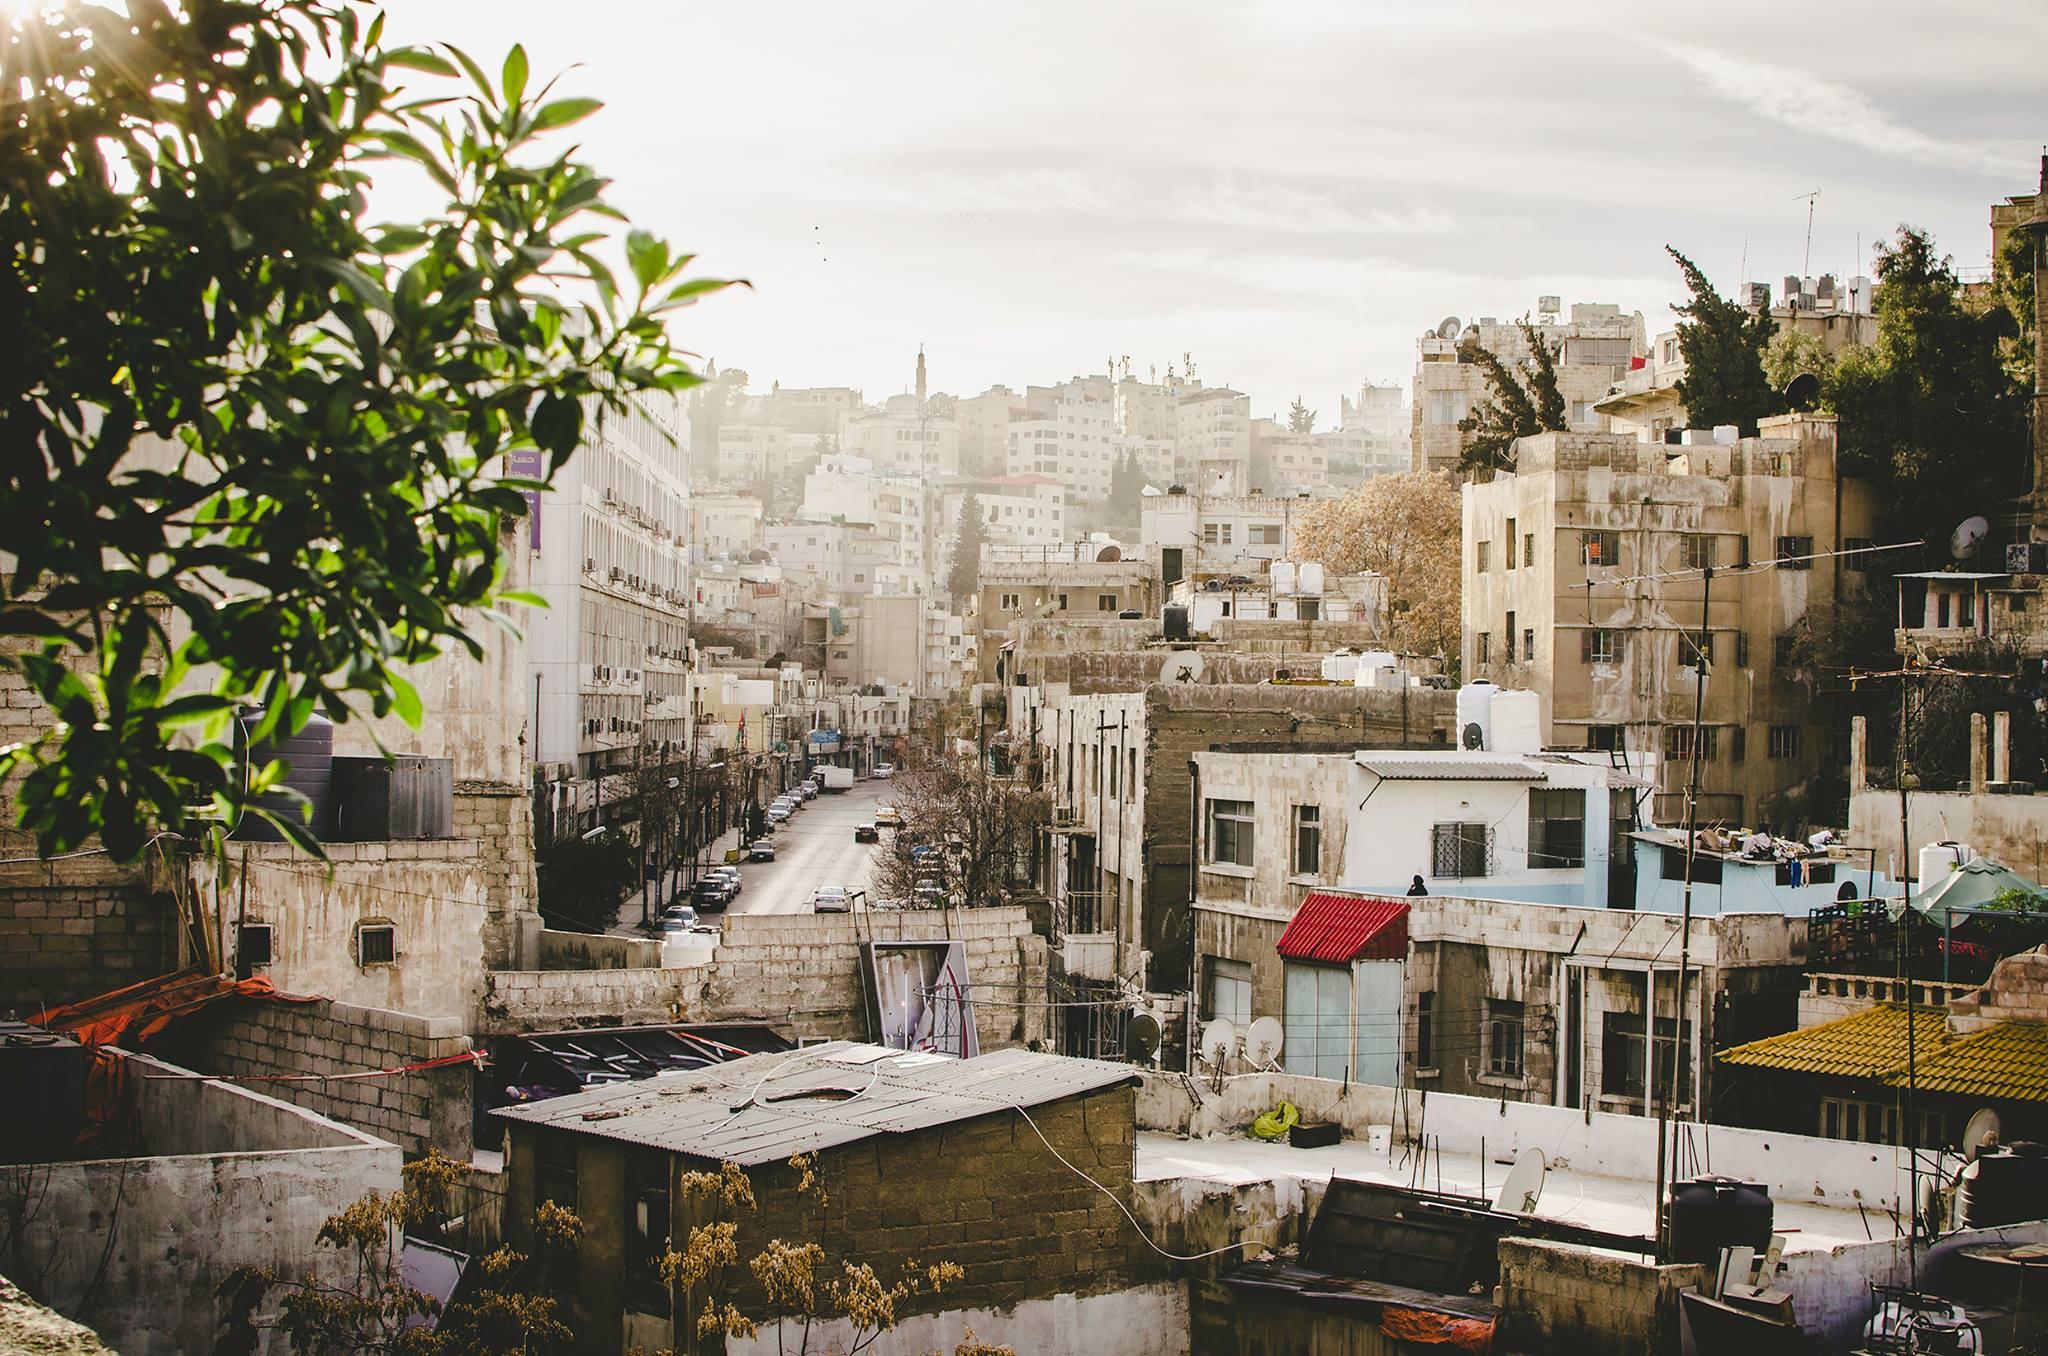 Йорданія: по стопах Індіани Джонса